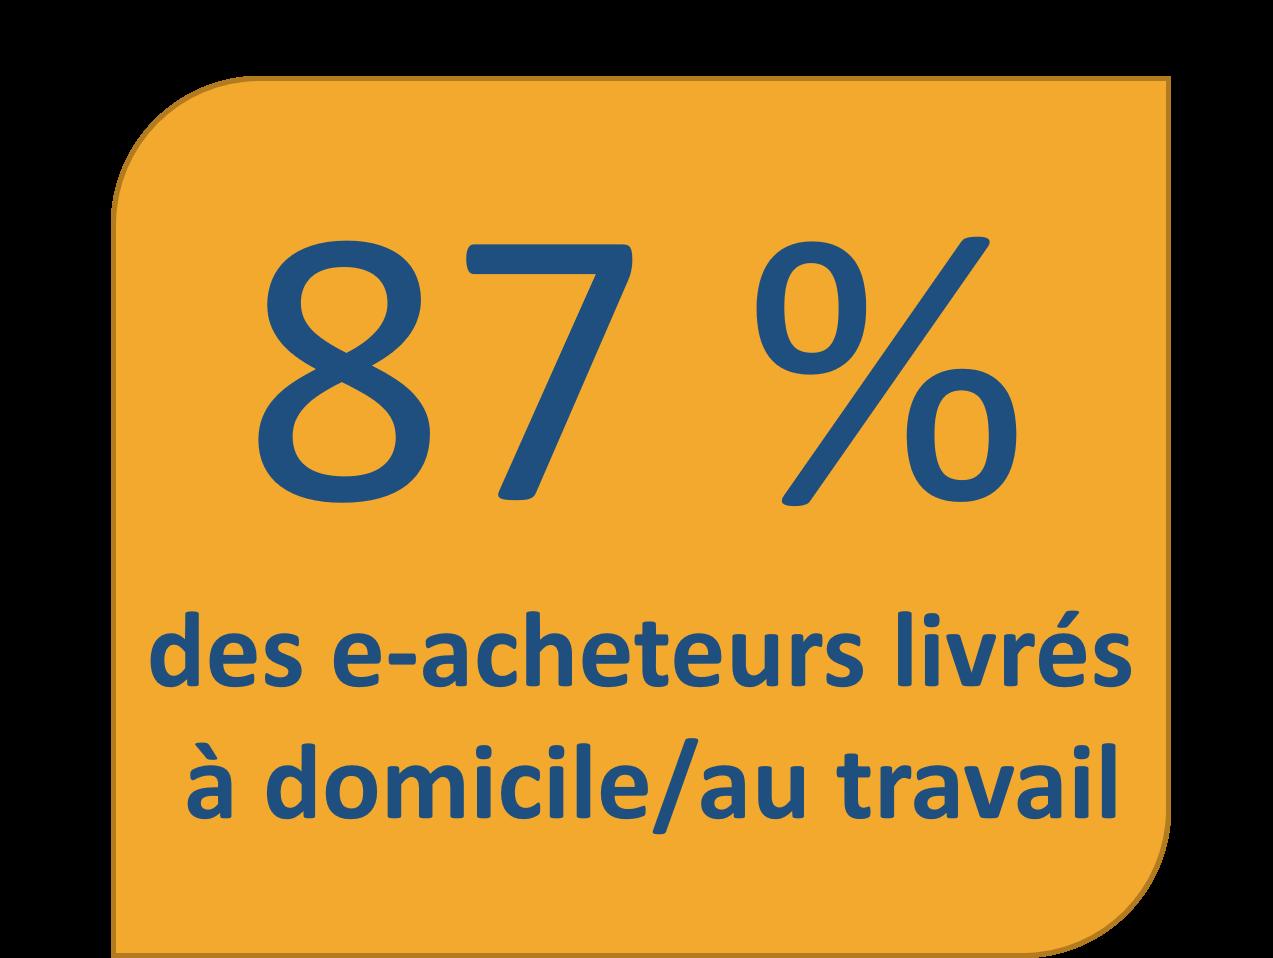 87% des e-acheteurs livraison domicile travail-fevad 2021